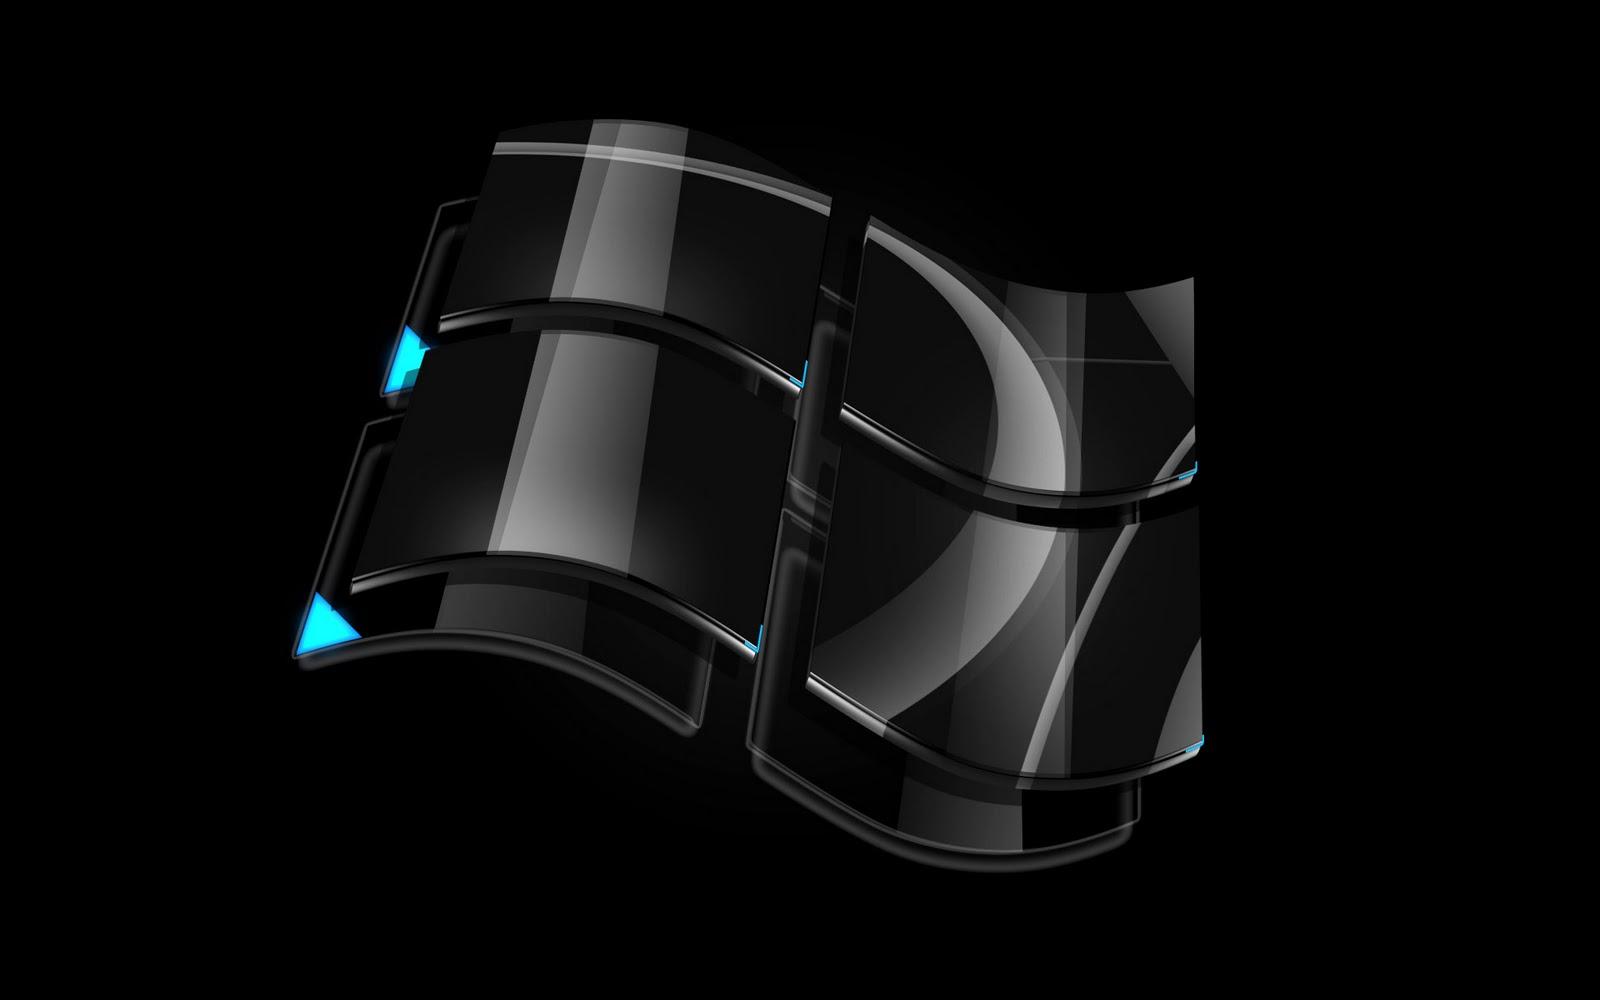 http://4.bp.blogspot.com/-NpiwmgMX5RE/TWaAJY1OS4I/AAAAAAAAAoI/R2UHvzioHnc/s1600/Vista+Wallpaper+%252888%2529.jpg